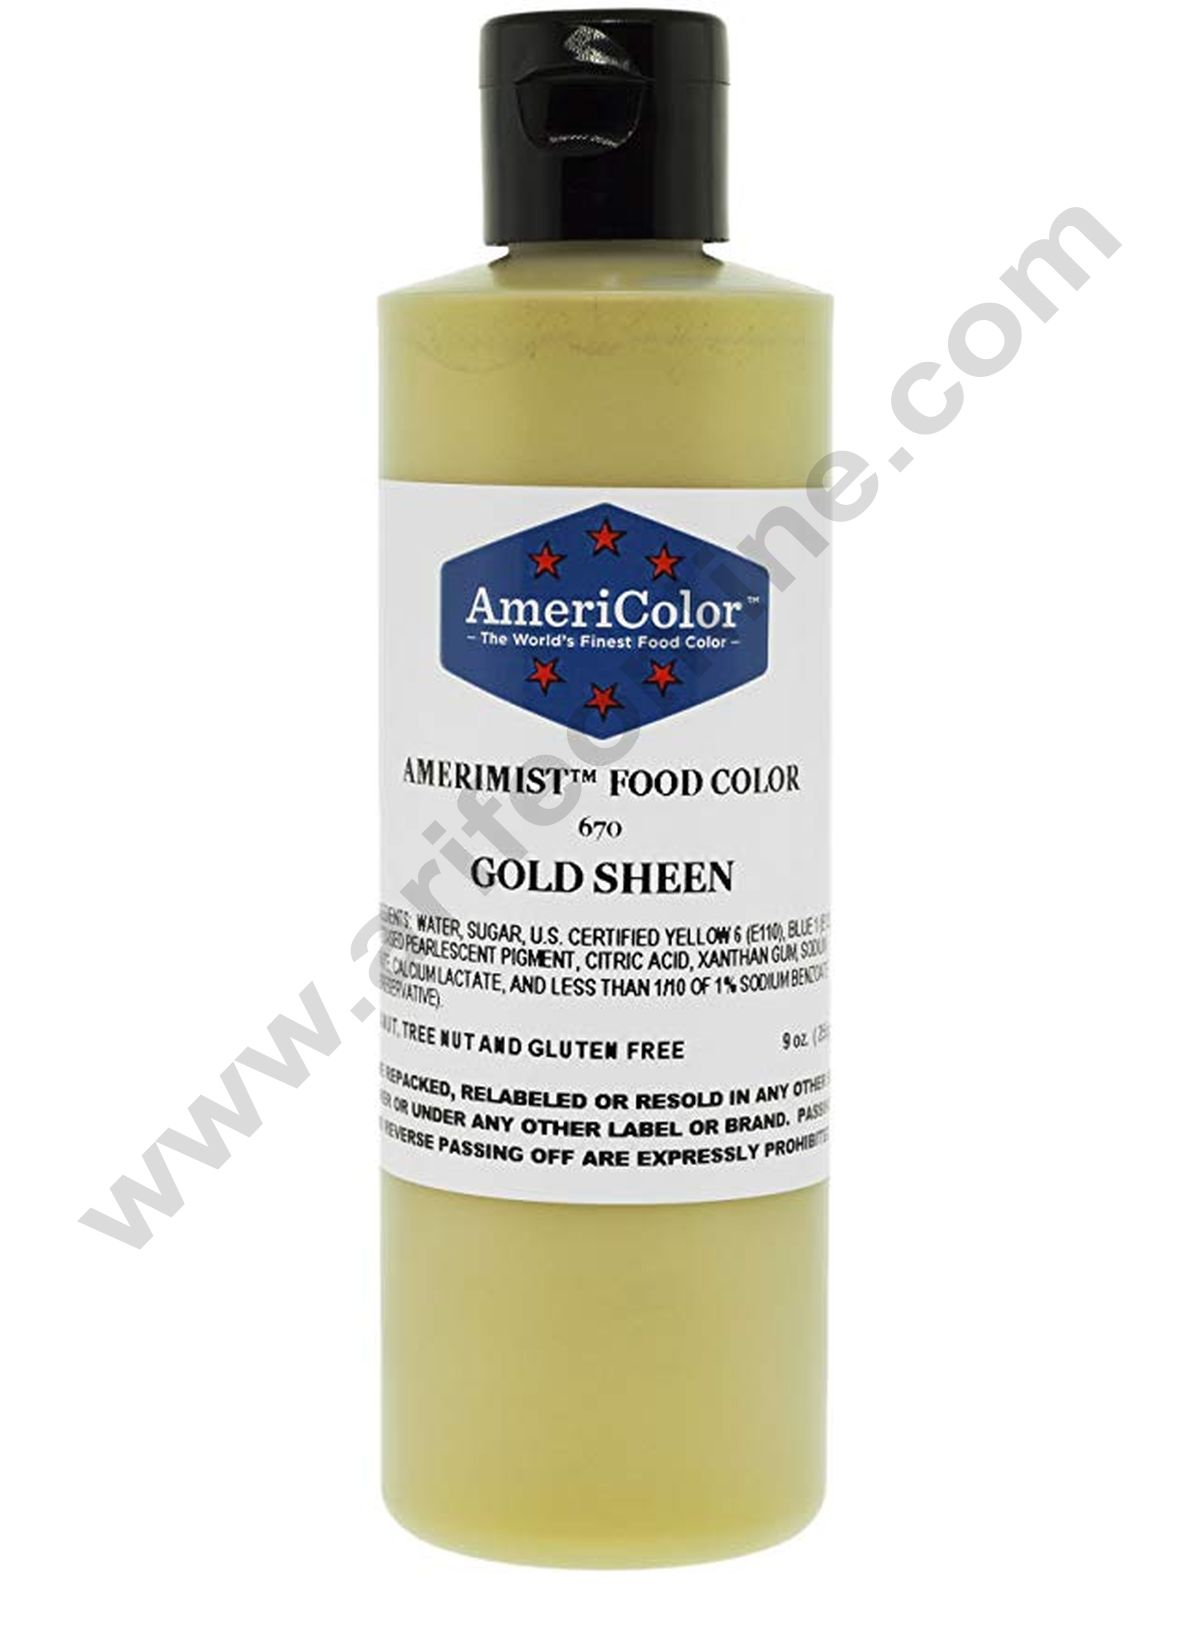 AmeriColor Gold Sheen 9 oz Soft Gel Paste Food Color (255g)